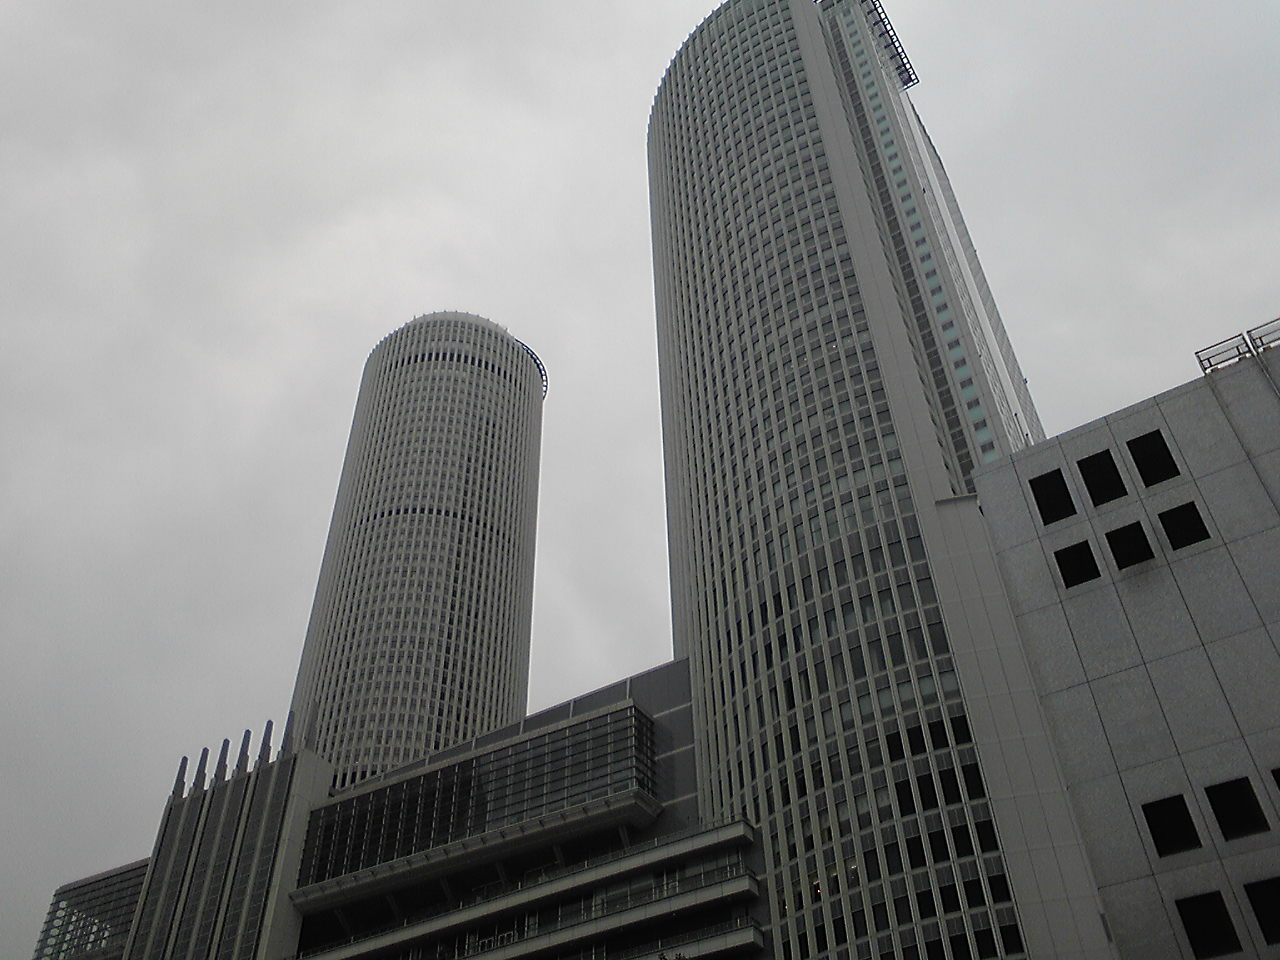 ツインタワー?